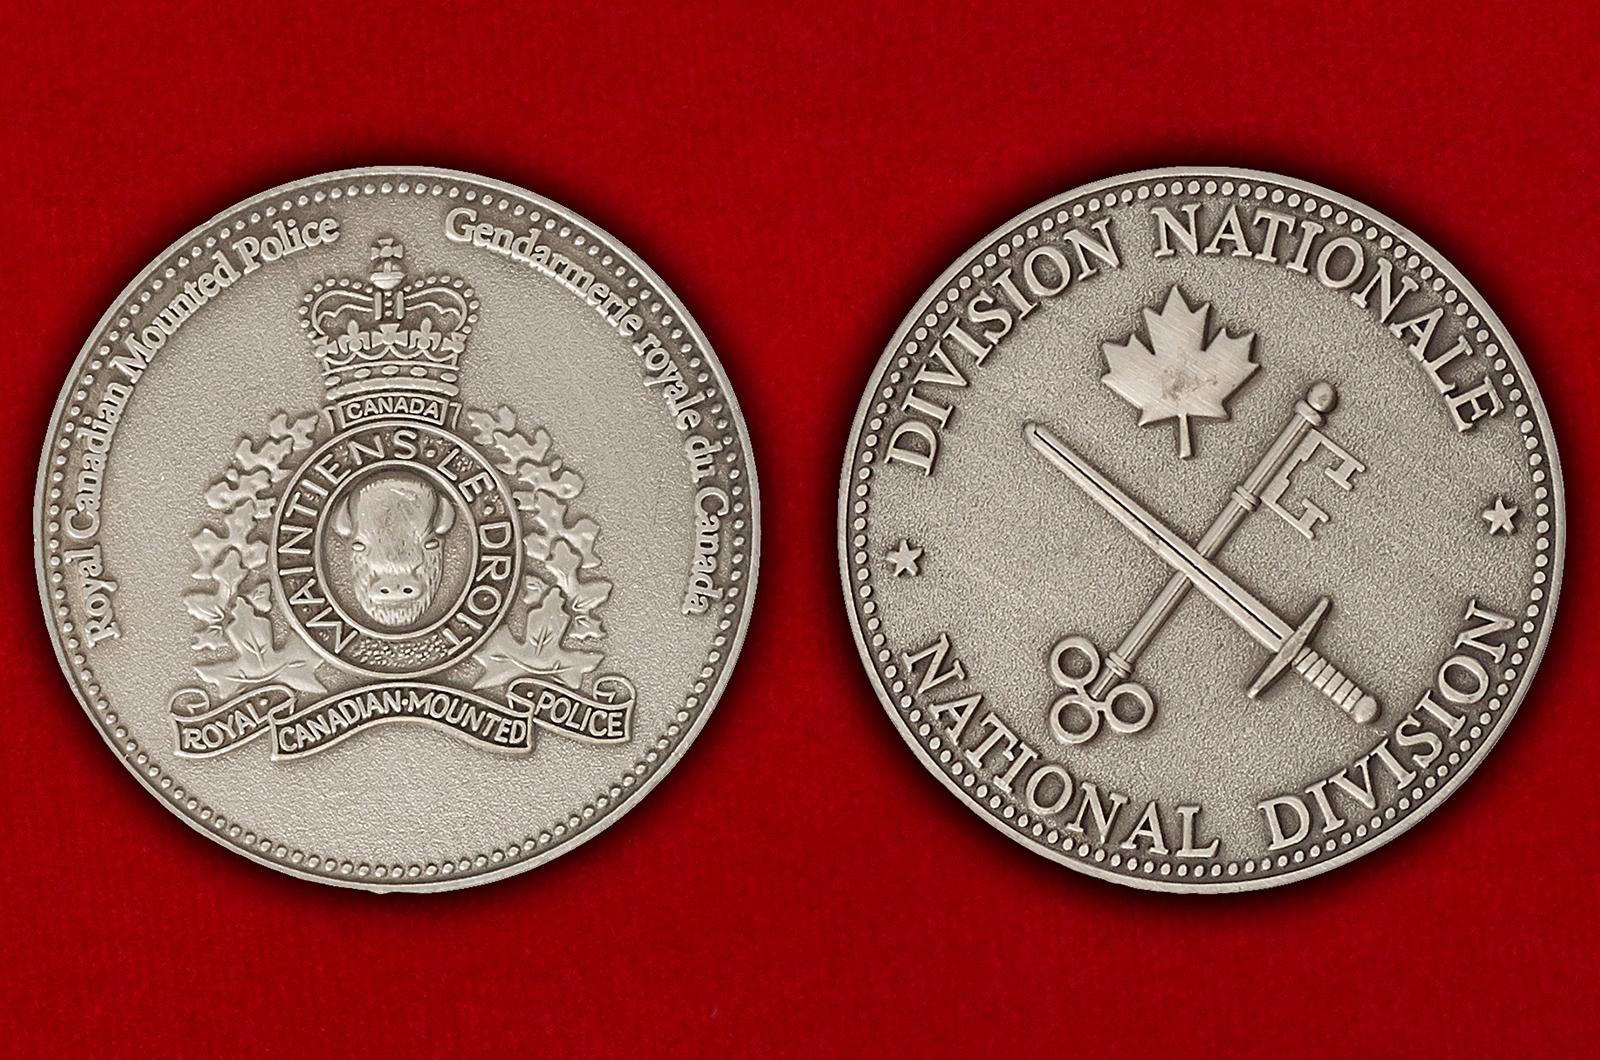 Челлендж коин Королевской конной полиции Канады